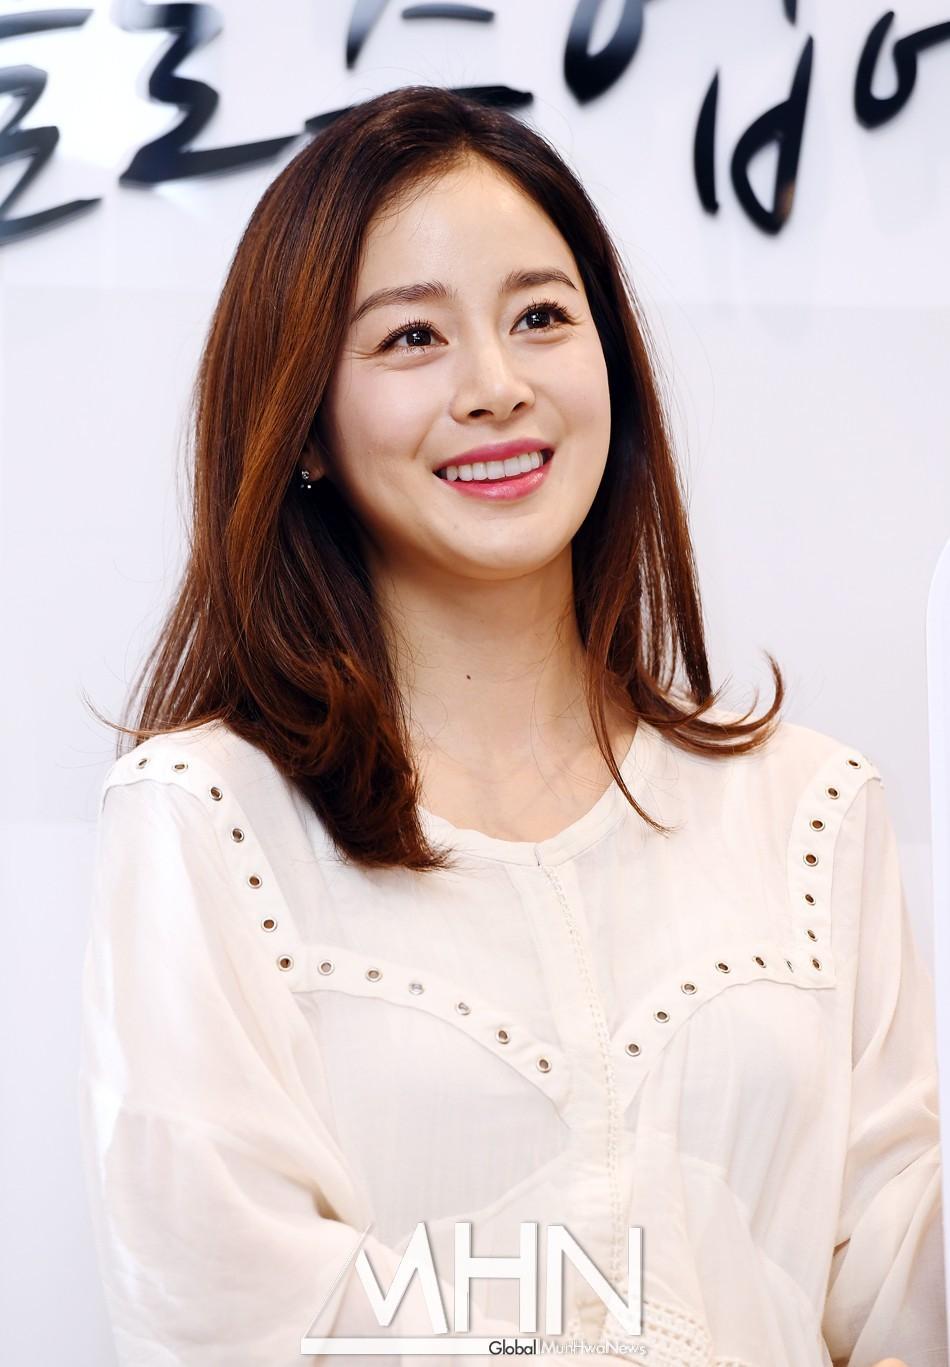 Vẻ đẹp của Kim Tae Hee: Từ nữ thần đại học đến biểu tượng nhan sắc, cả cái bóng phản chiếu trên tường cũng thừa sức gây sốt 24